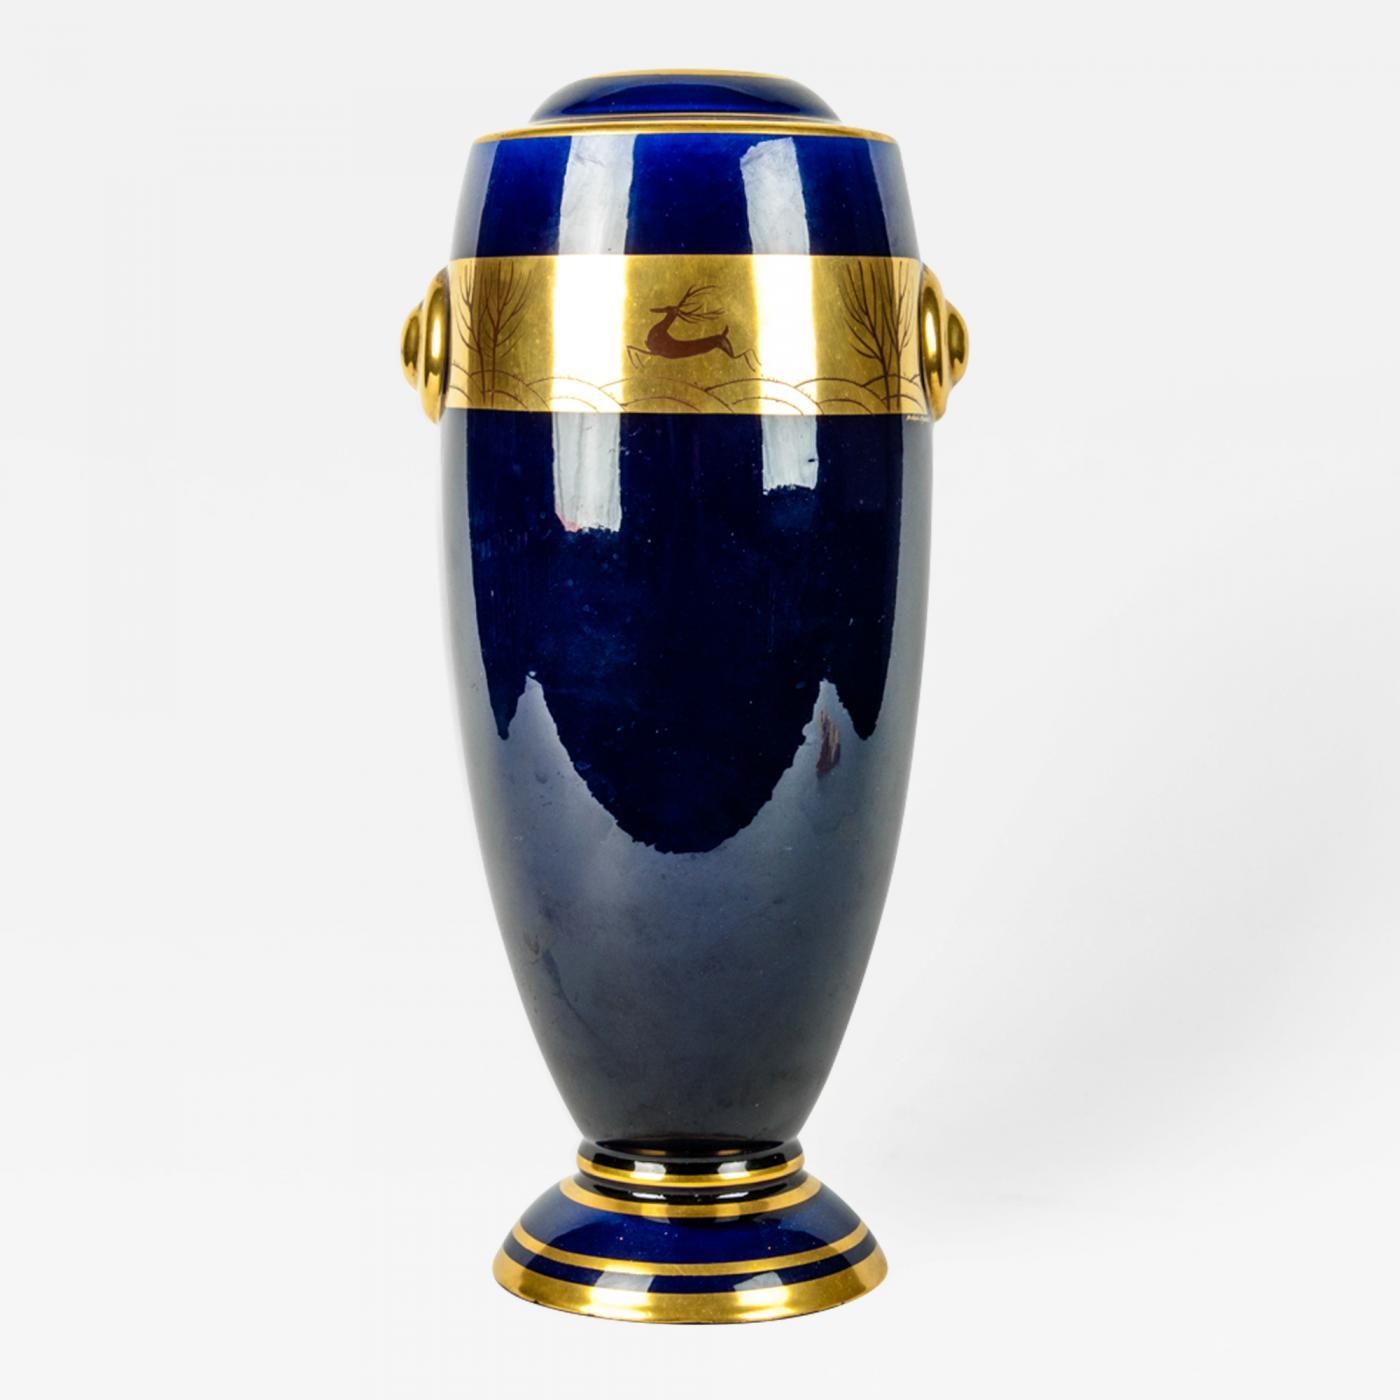 Vintage French Porcelain Art Deco Style Vase Piece